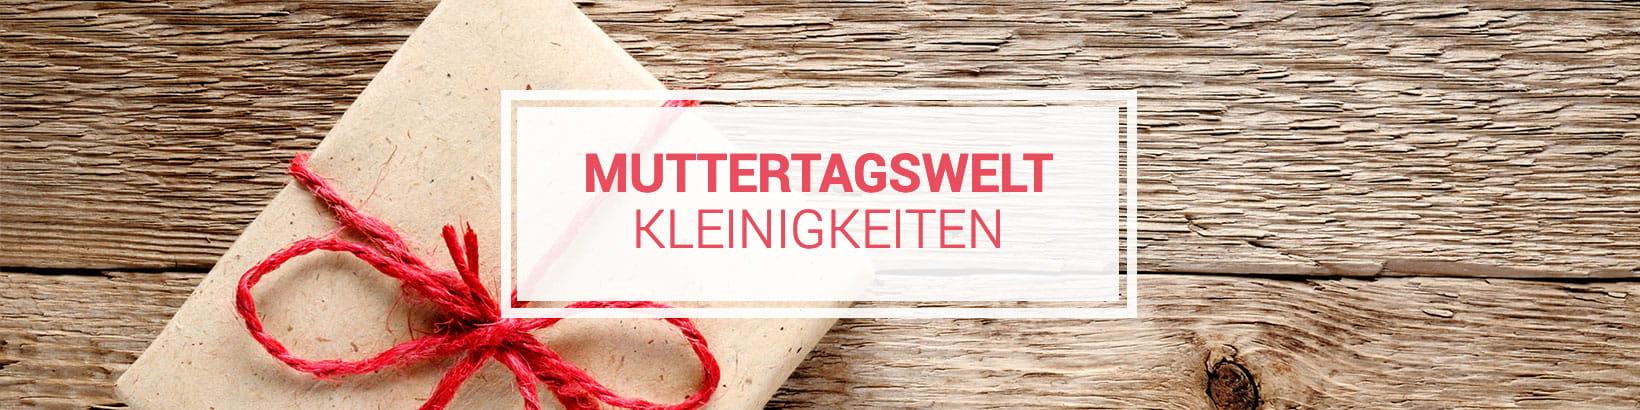 Visual-1640x410-Muttertag-Kleiner-Preis